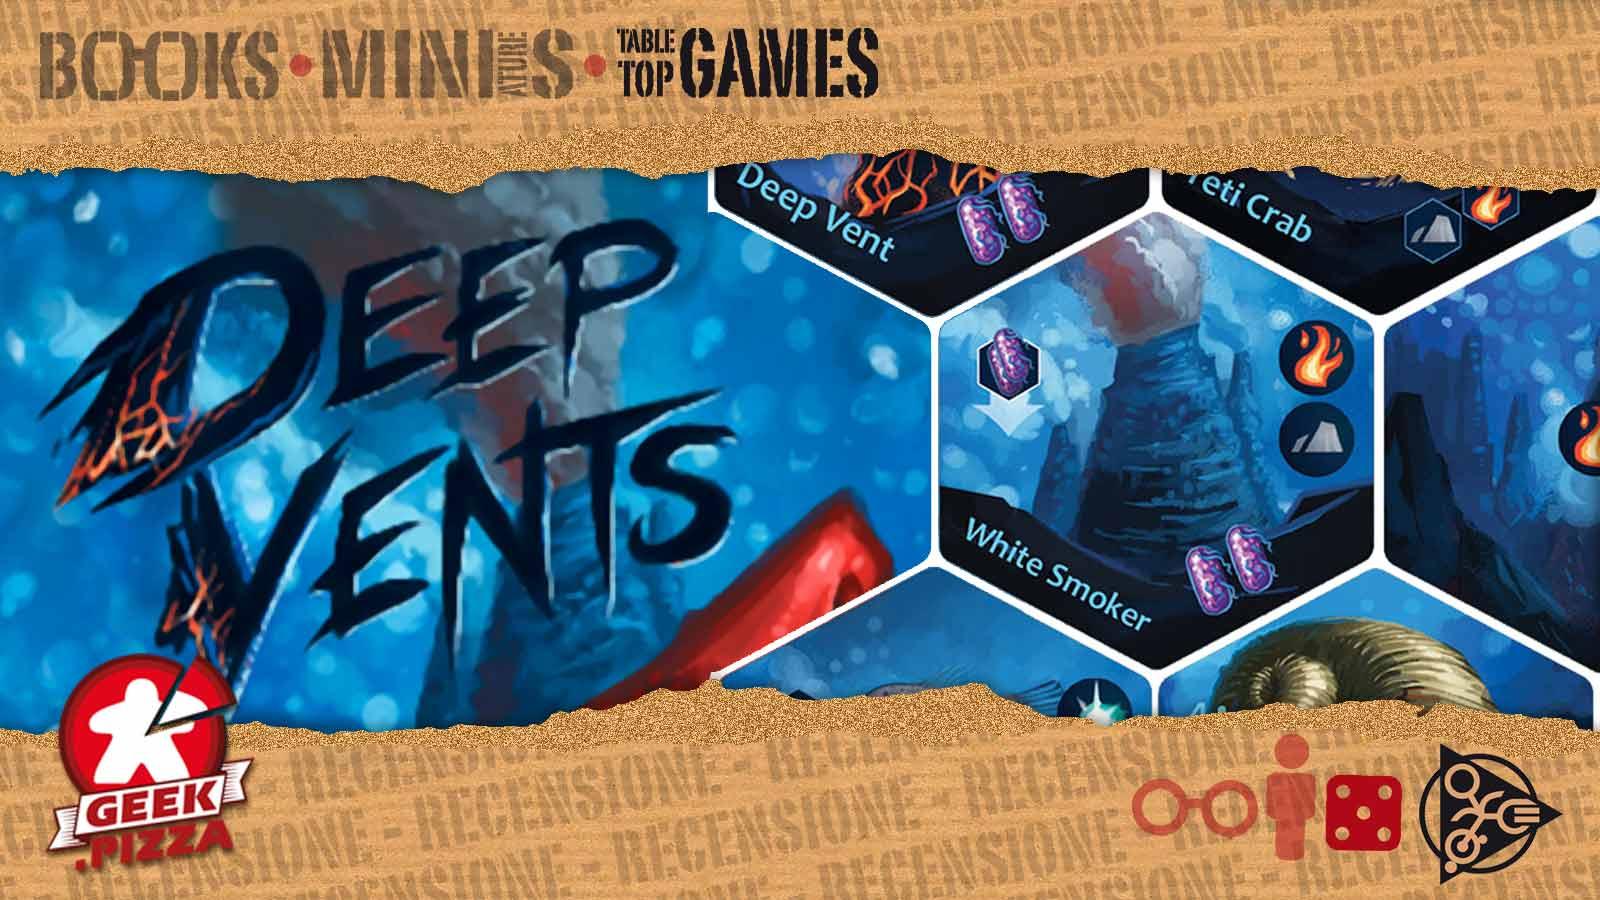 TTGames: Deep Vents – Creature degli abissi